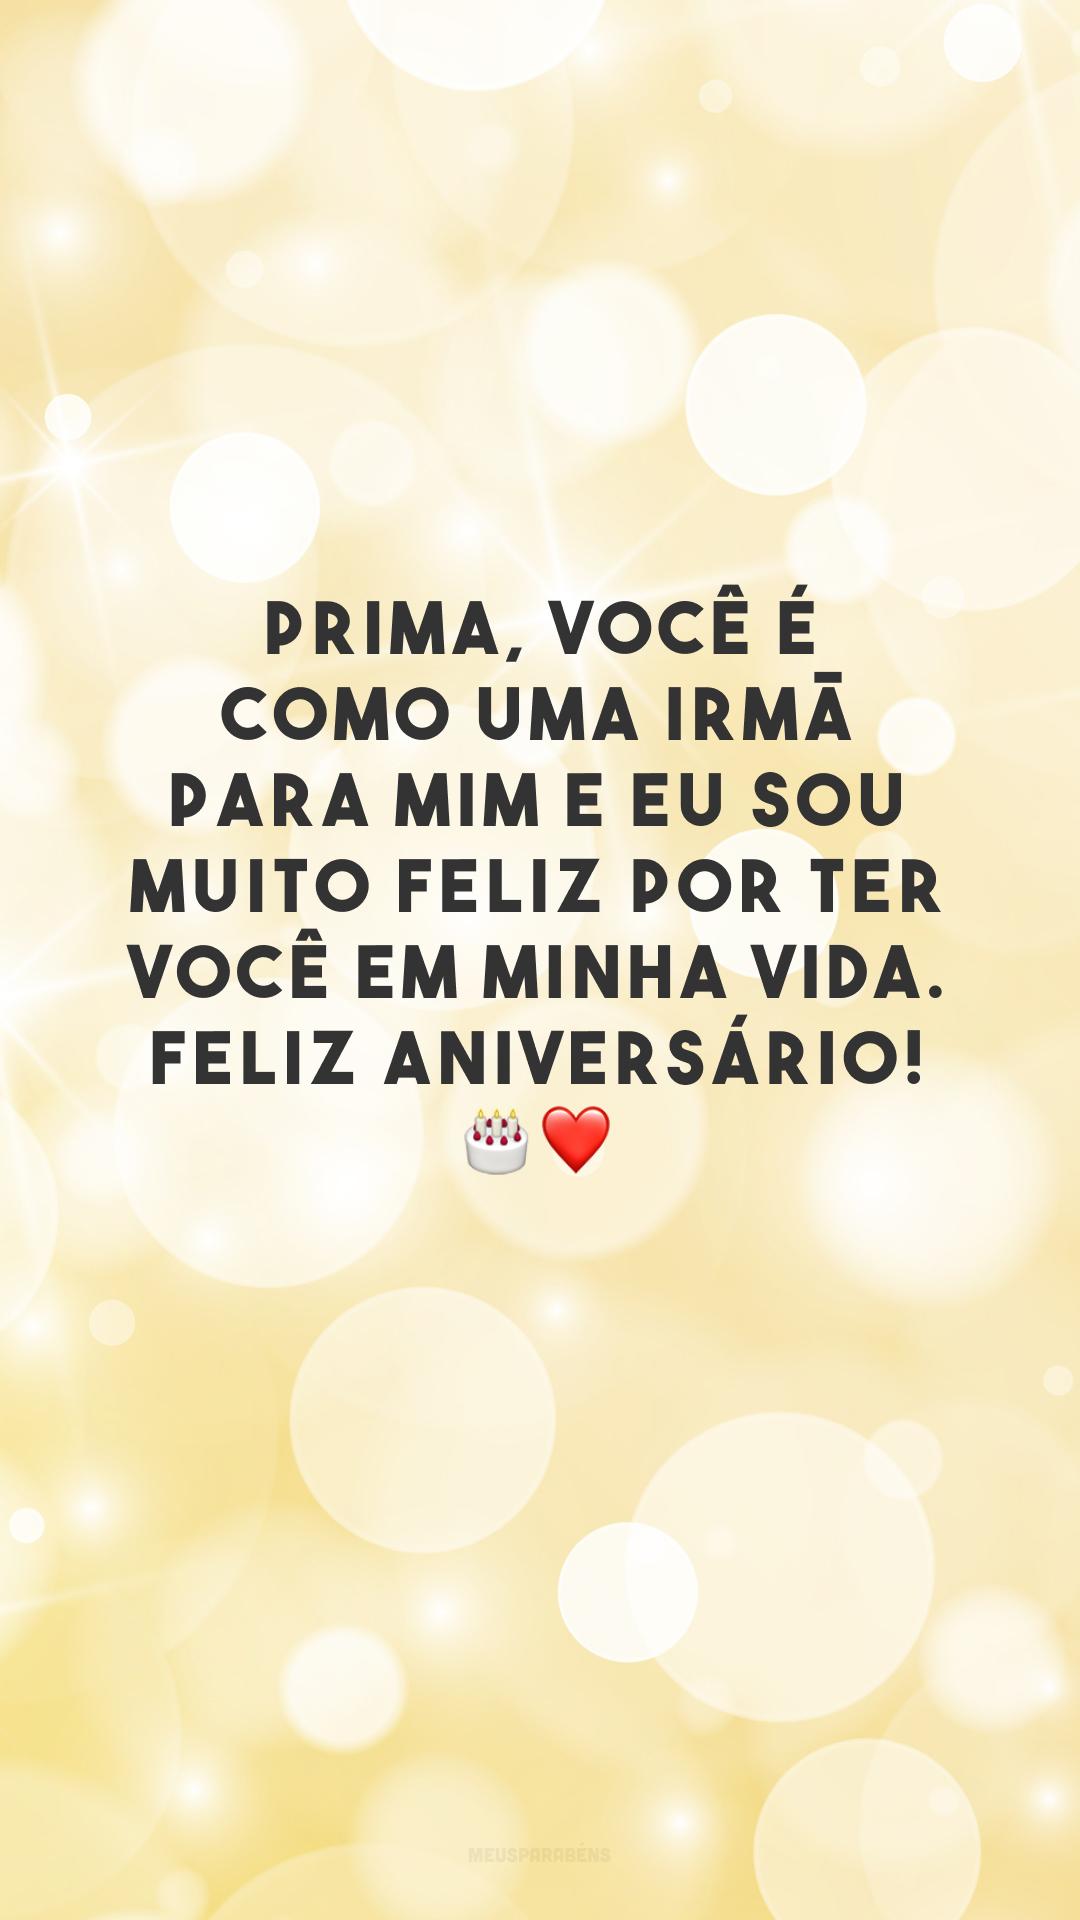 Prima, você é como uma irmã para mim e eu sou muito feliz por ter você em minha vida. Feliz aniversário! 🎂❤️